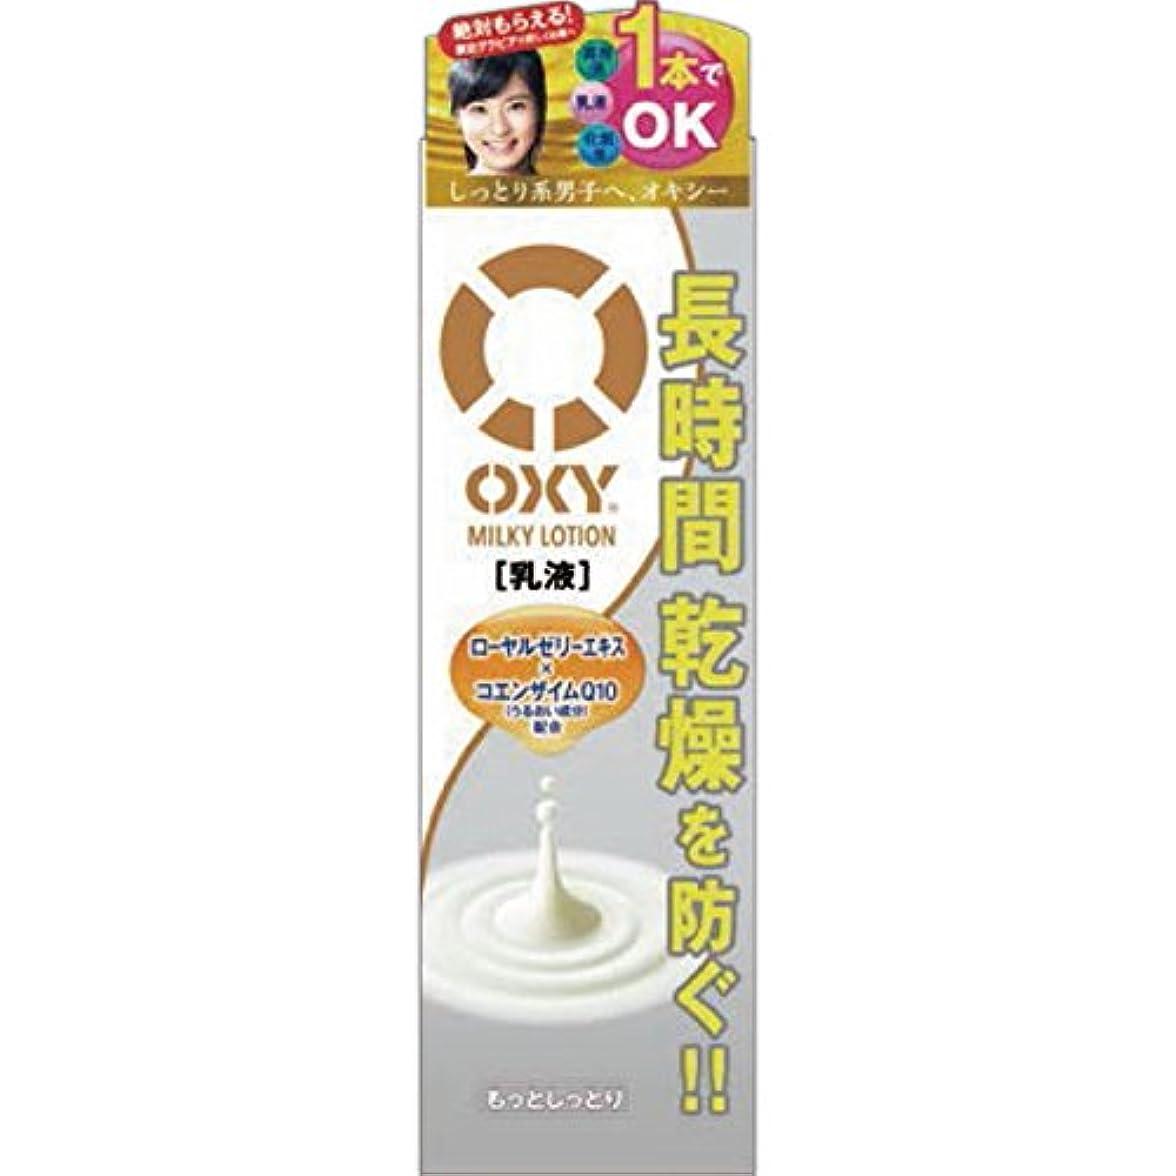 蓮青卵オキシー (Oxy) ミルキーローション オールインワン乳液 スーパーヒアルロン酸×ローヤルゼリー配合 ゼラニウムの香 170mL